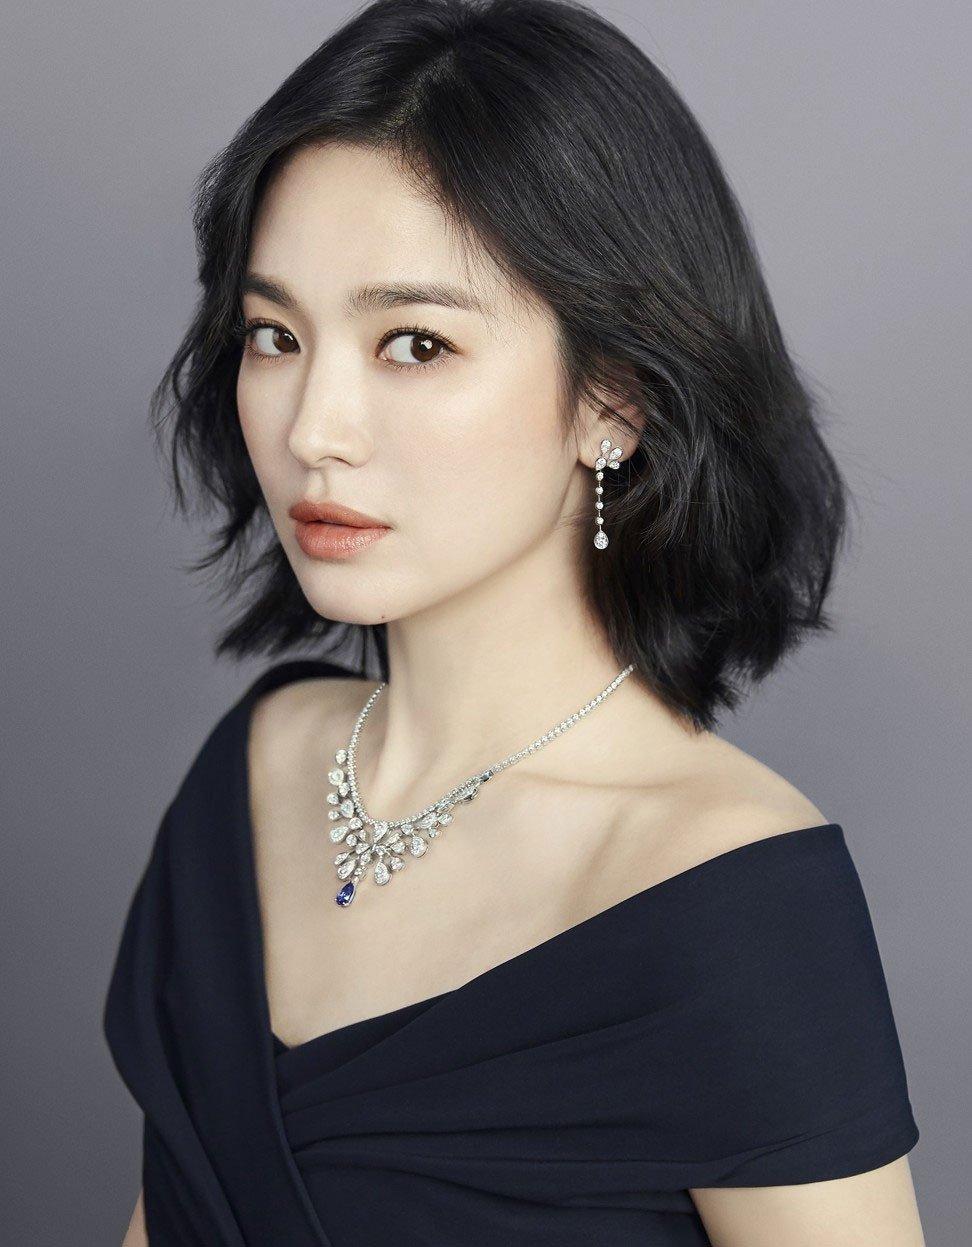 Red Velvet Irene's Diamond Necklace at the '2019 KBS Music ...